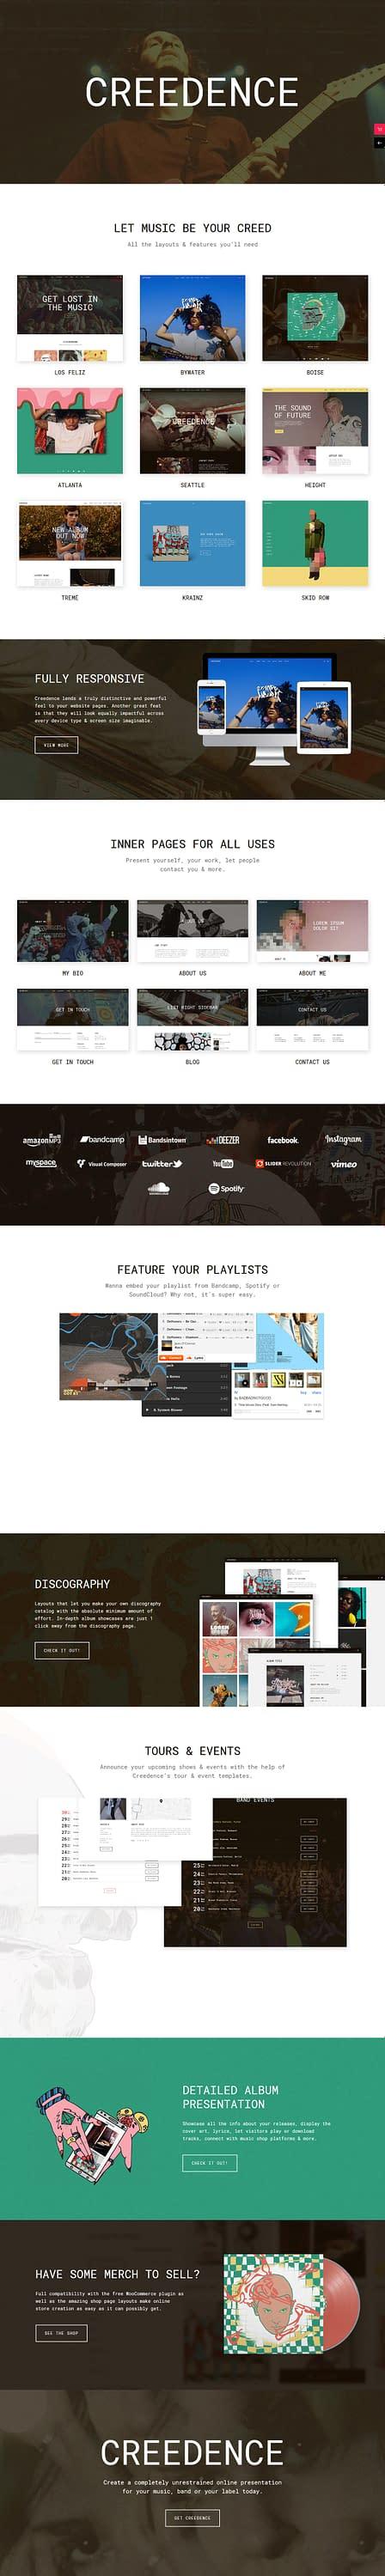 Creedence - Best Premium Video and Music WordPress Theme